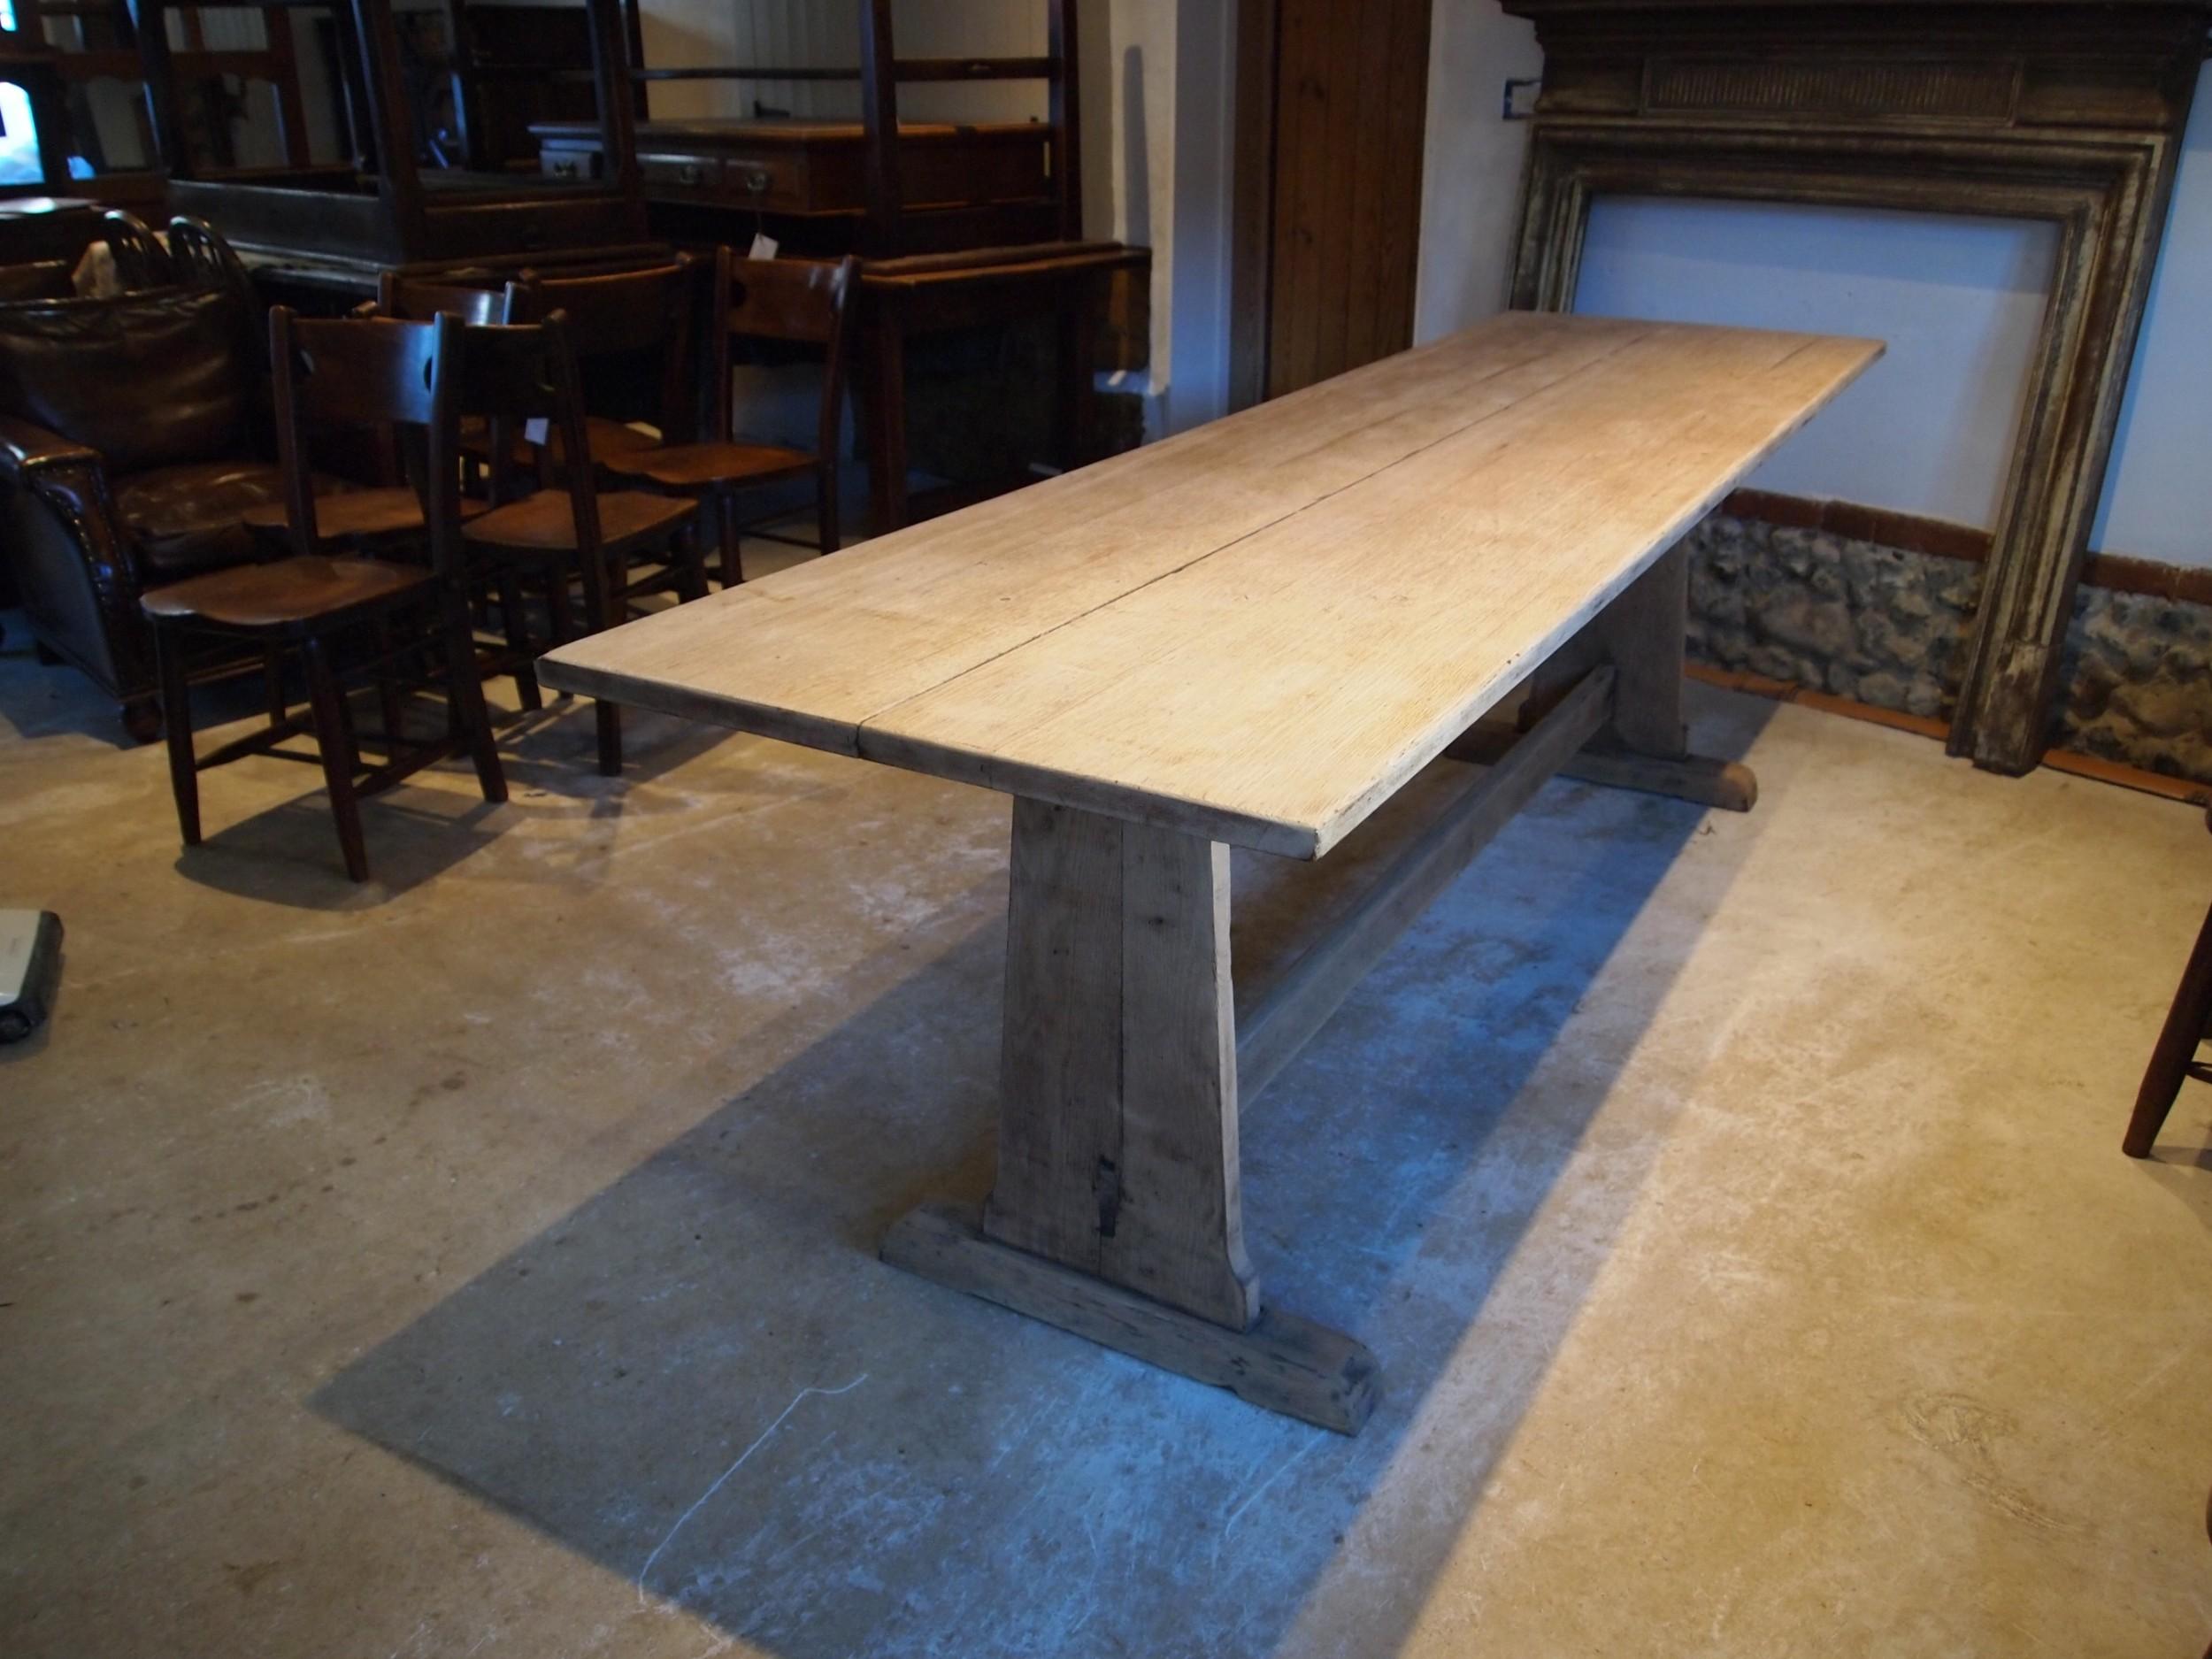 table refectory bramdean school oak dining edwardian c1900